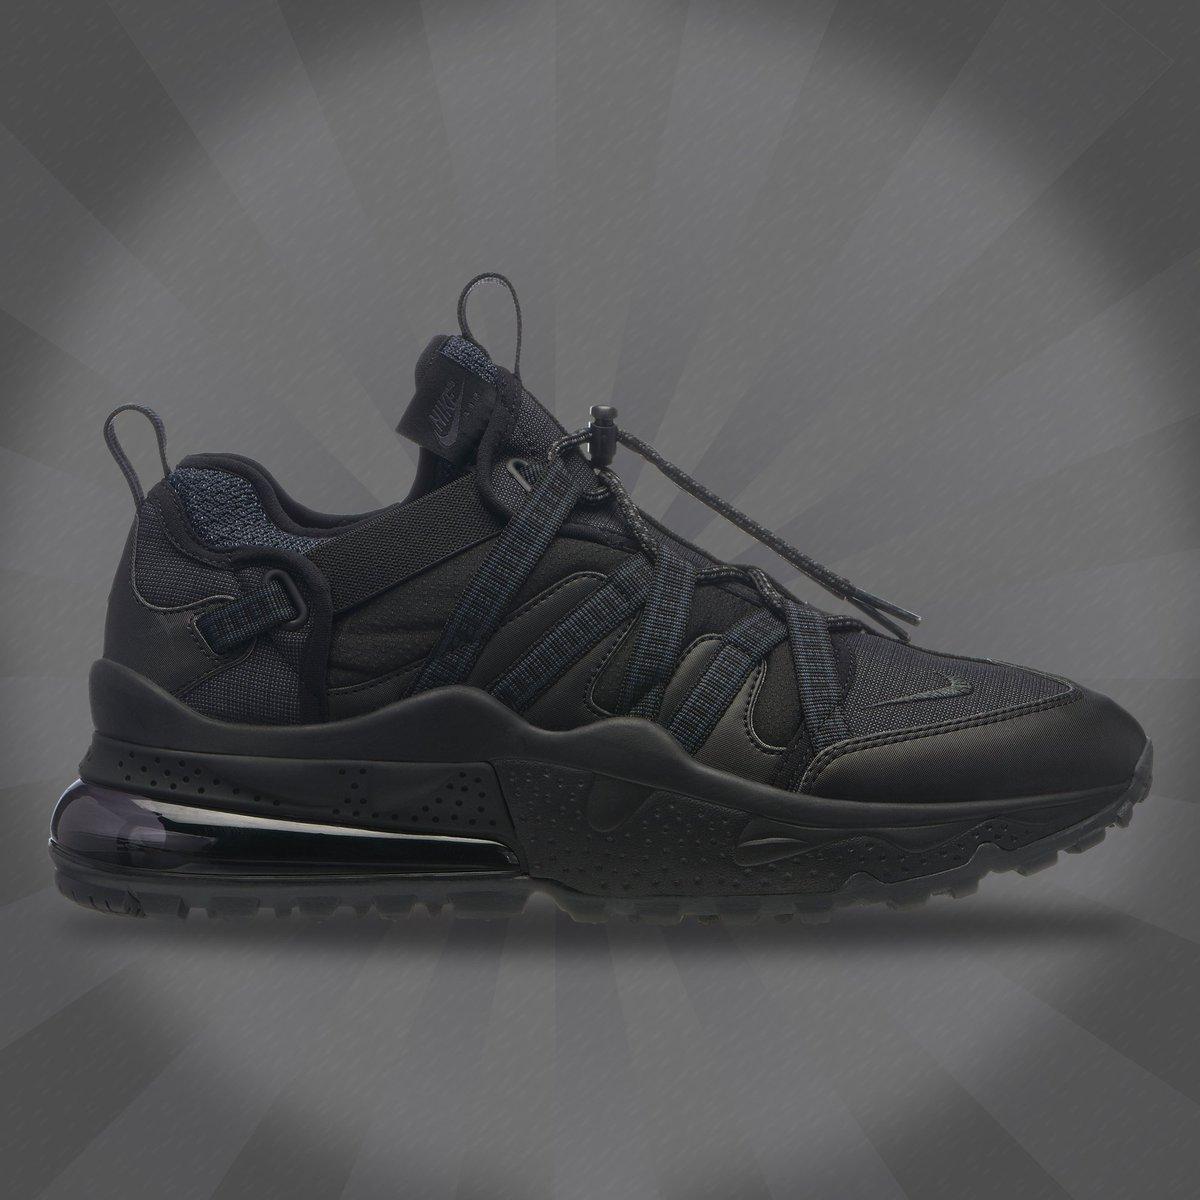 GB'S Sneaker Shop on Twitter: